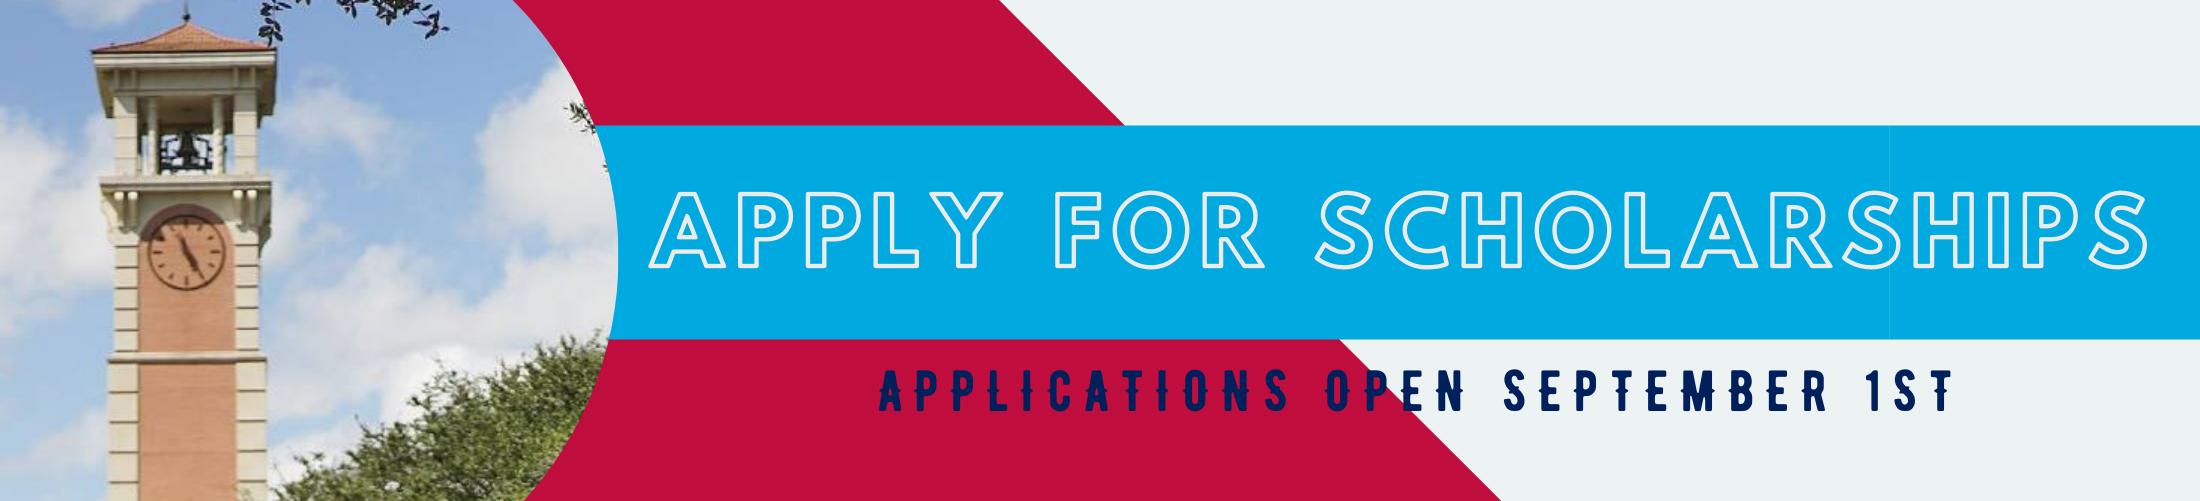 Apply for Scholarships Applications Open September 1st